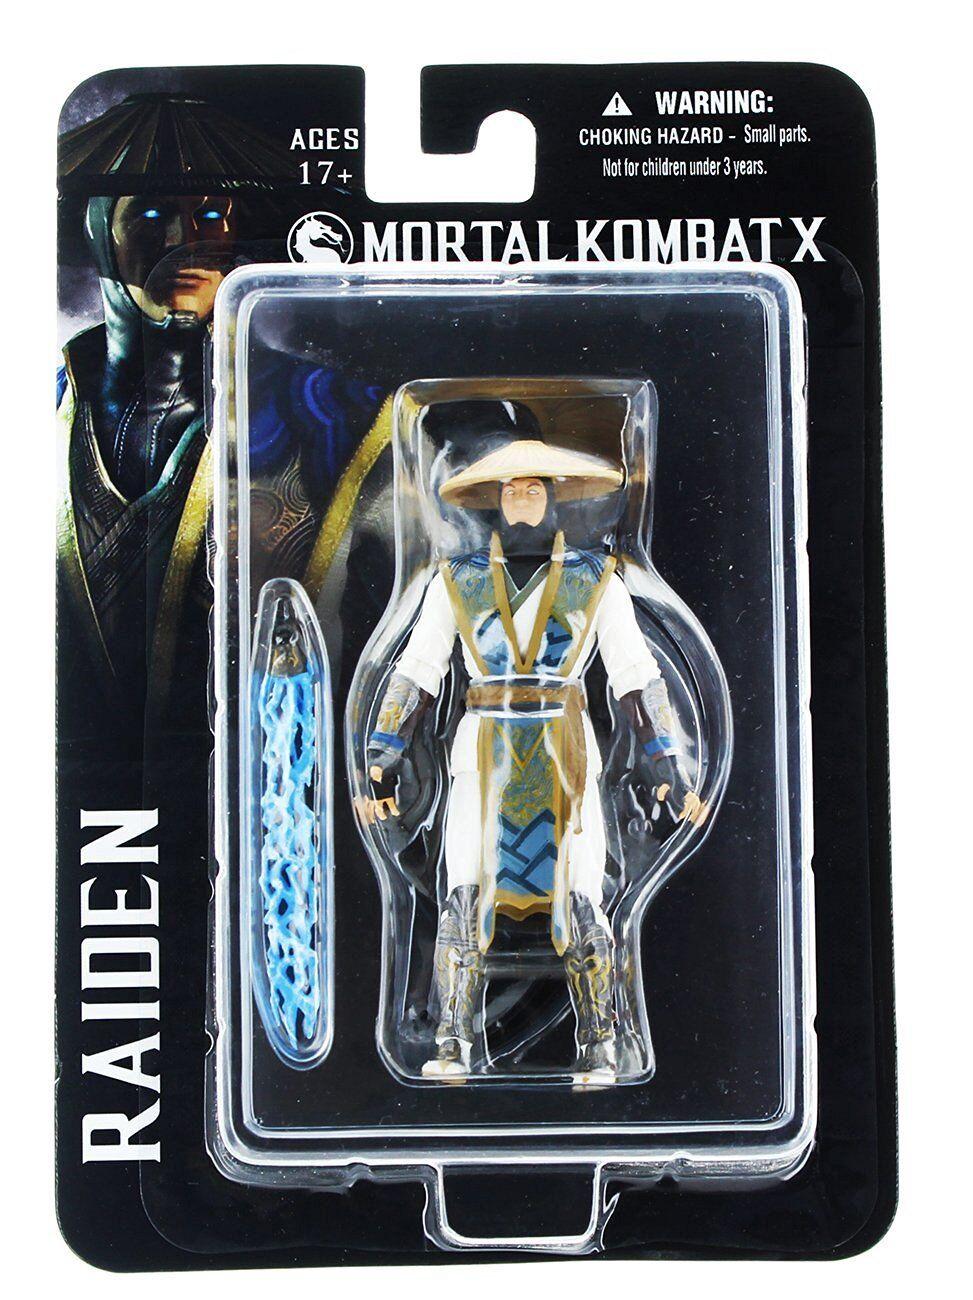 Mortal kombat x raiden 10.2cm action - figur eterno gott fulmini mezco